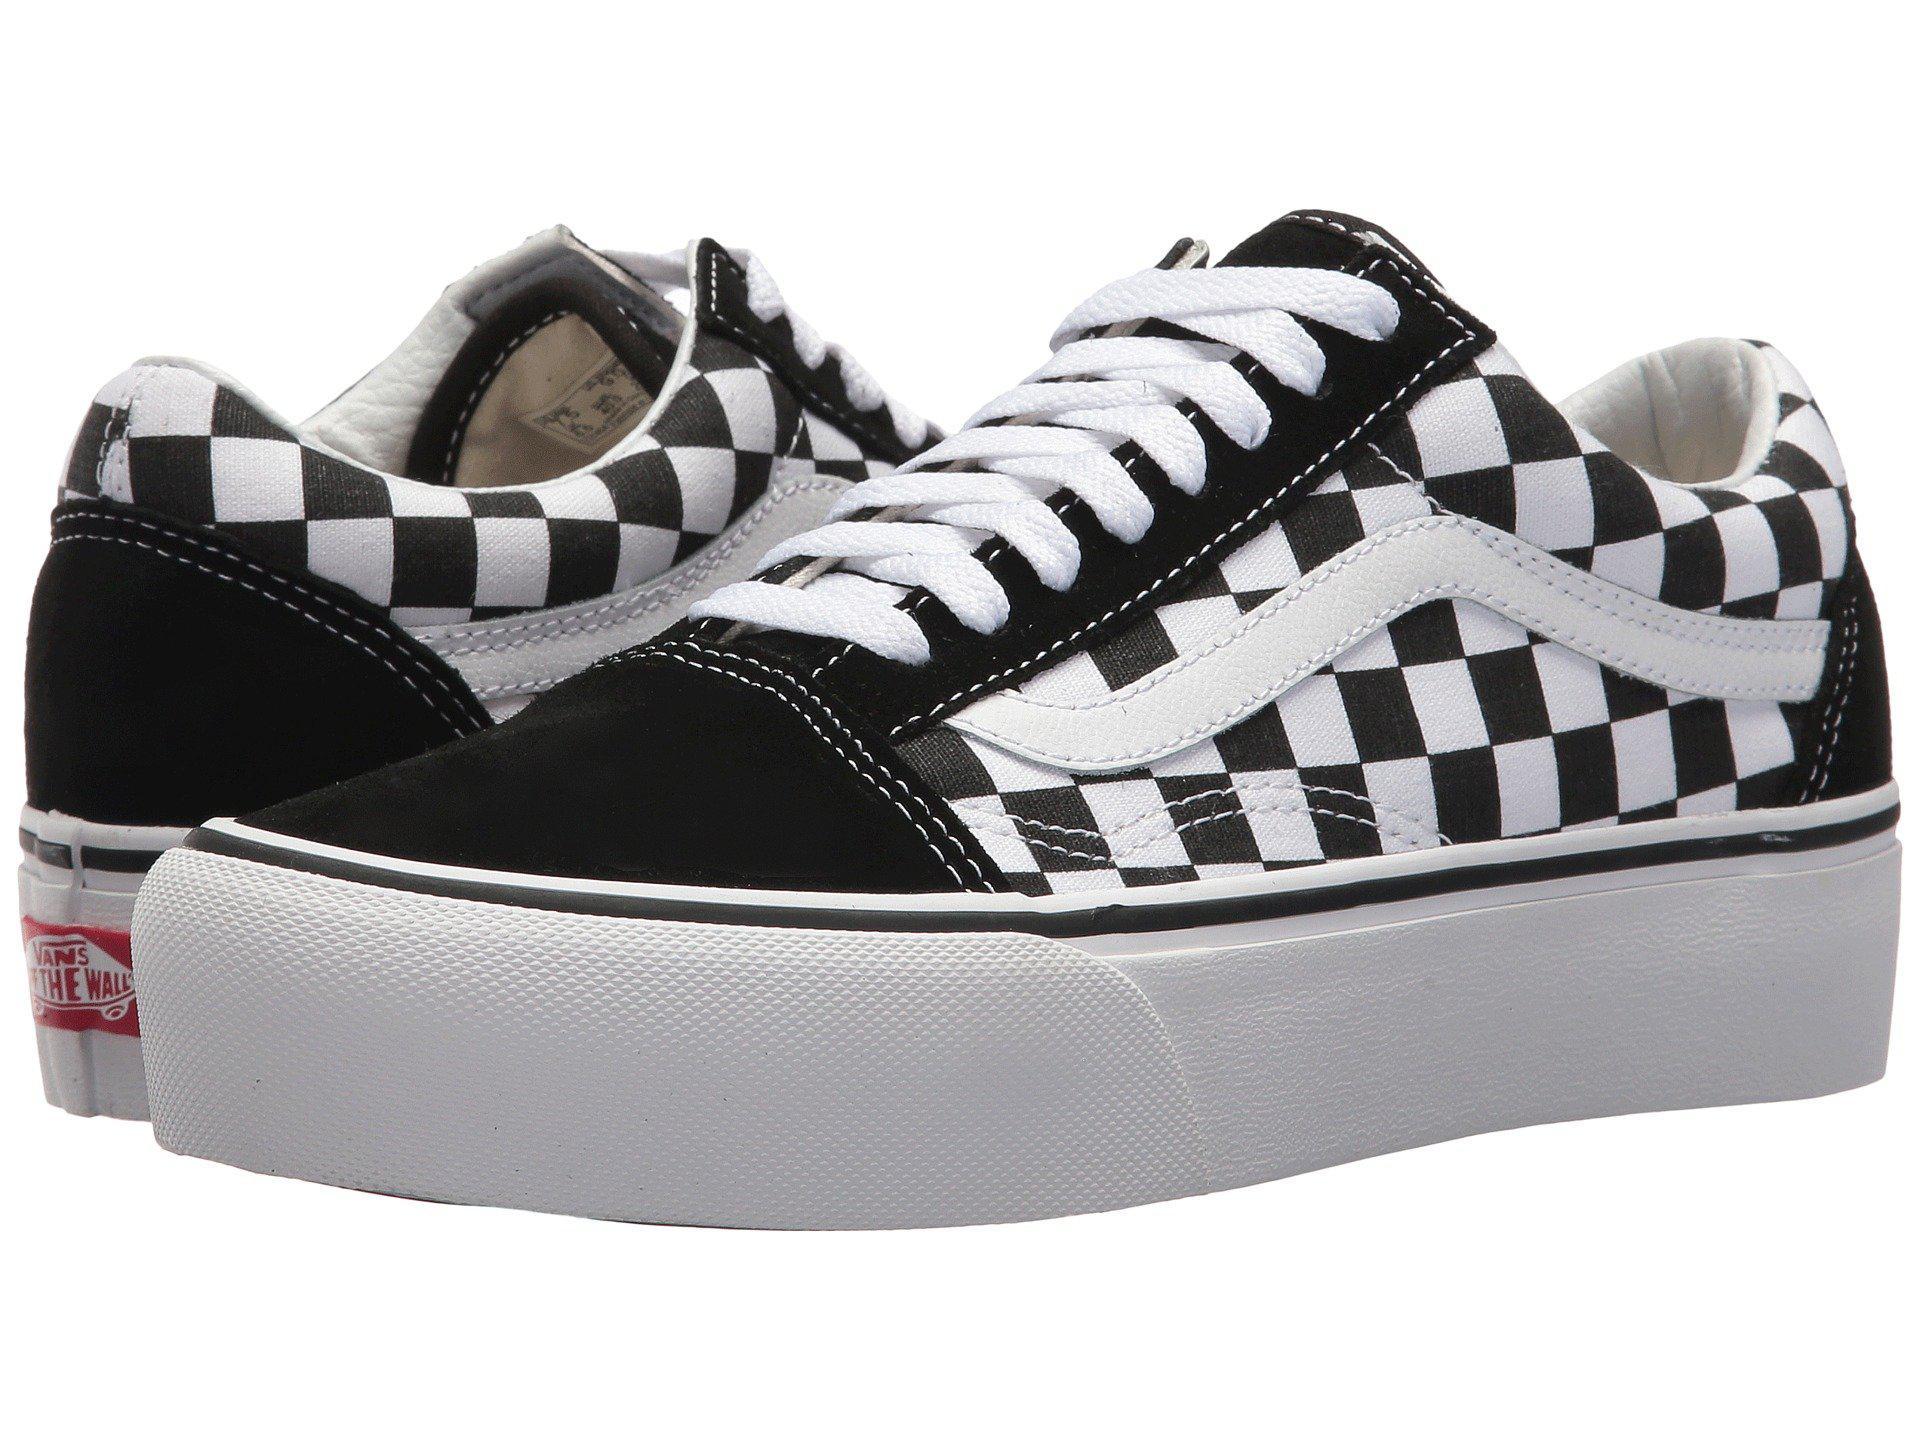 Lyst - Vans Old Skool Platform Sneaker in Black - Save 53% 73becee06